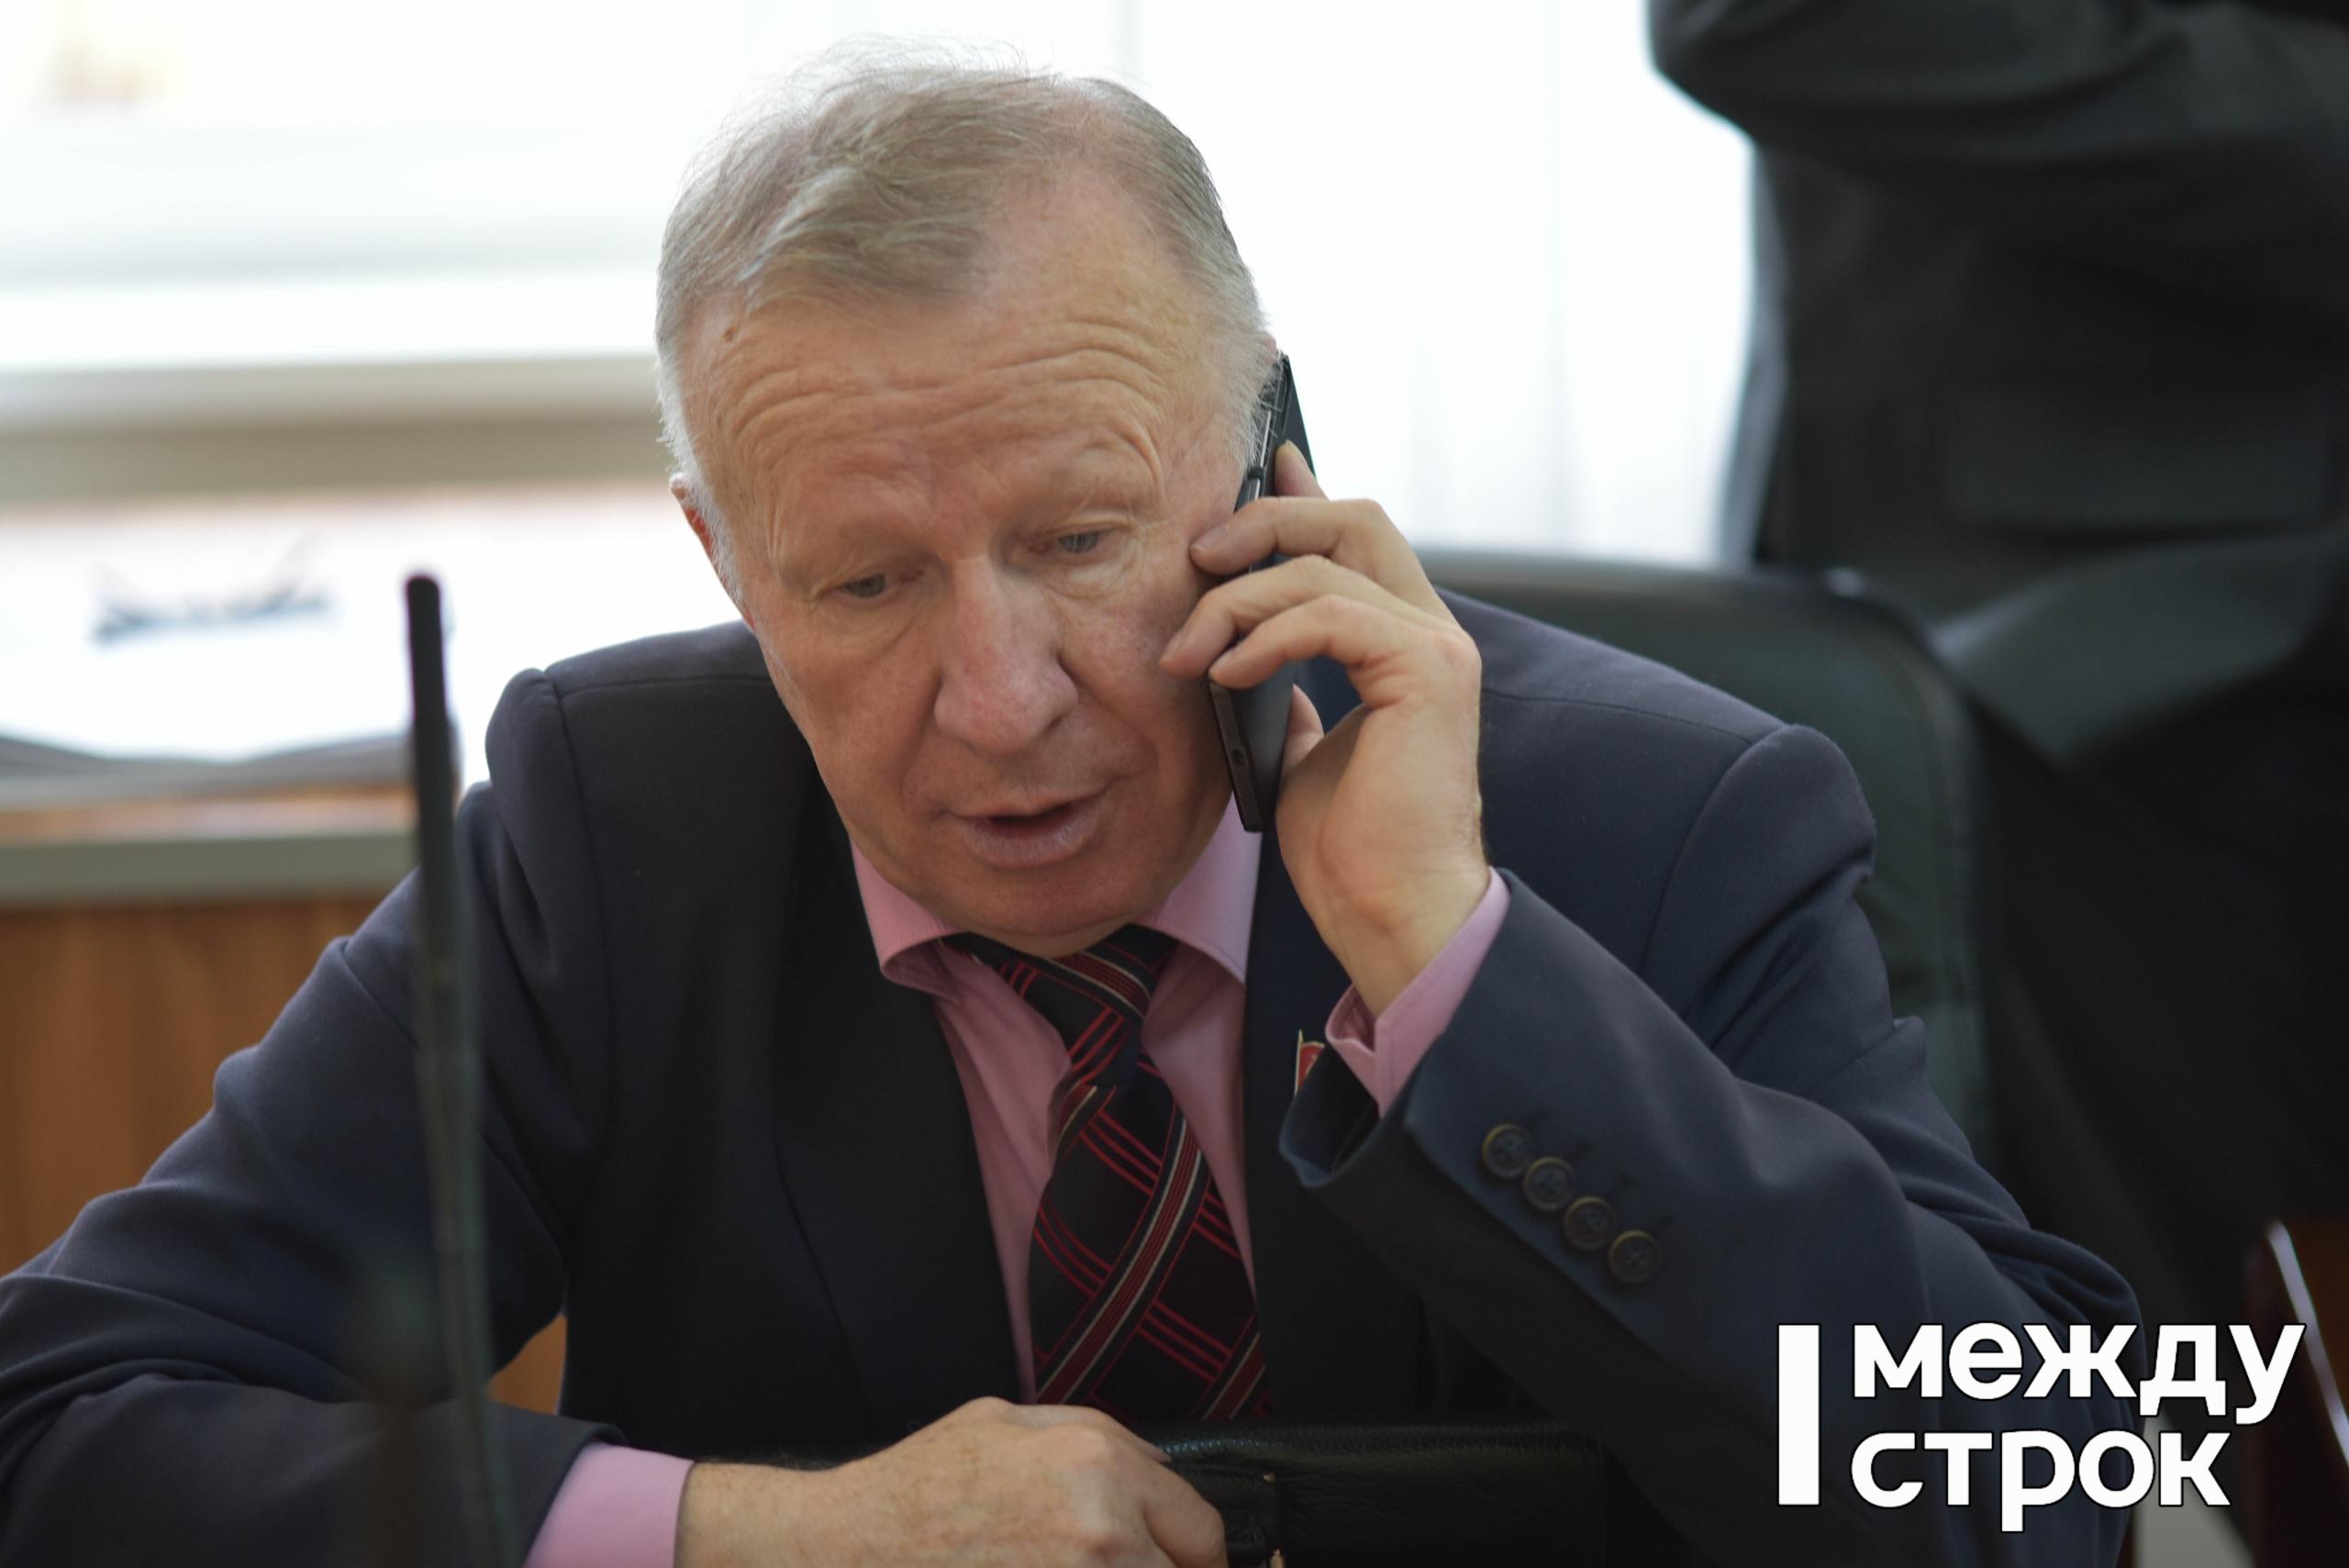 Депутат думы Нижнего Тагила рассказал о массовых жалобах жителей города на невозможность получить медицинскую помощь